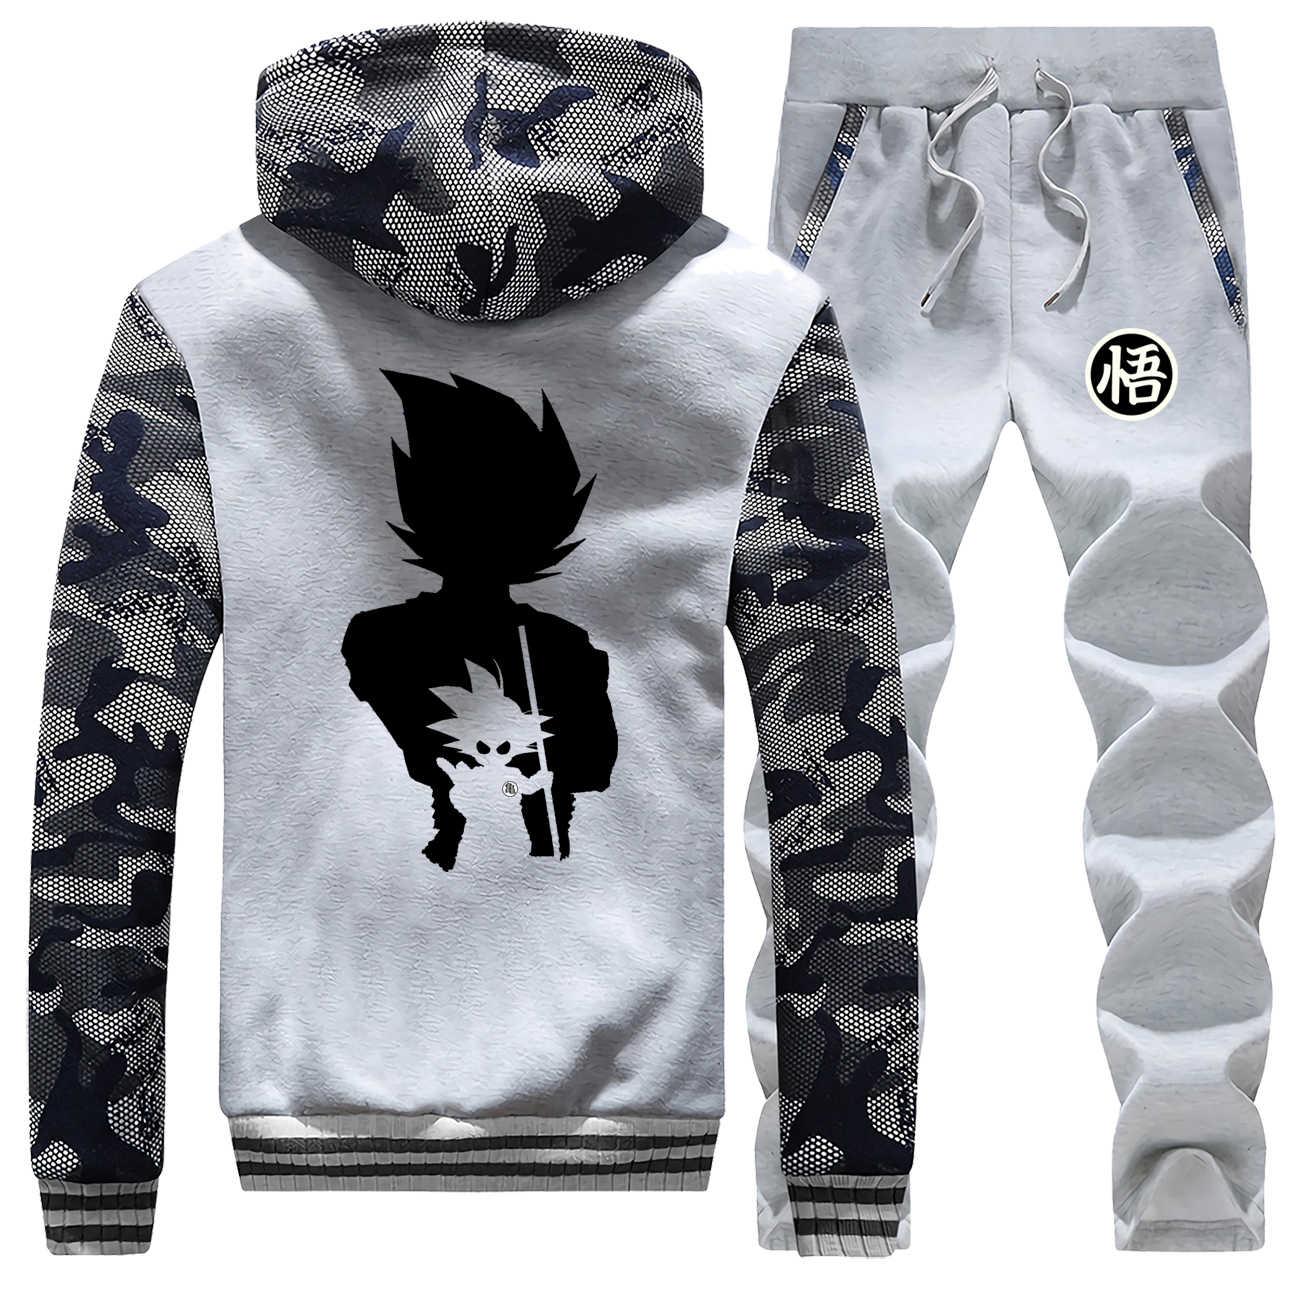 Męskie bluzy z kapturem kamuflaż 2019 gorąca sprzedaż zima Saiyan płaszcz gruby garnitur Dragon Ball ciepła kurtka polarowa odzież sportowa + 2 szt. Spodnie w komplecie